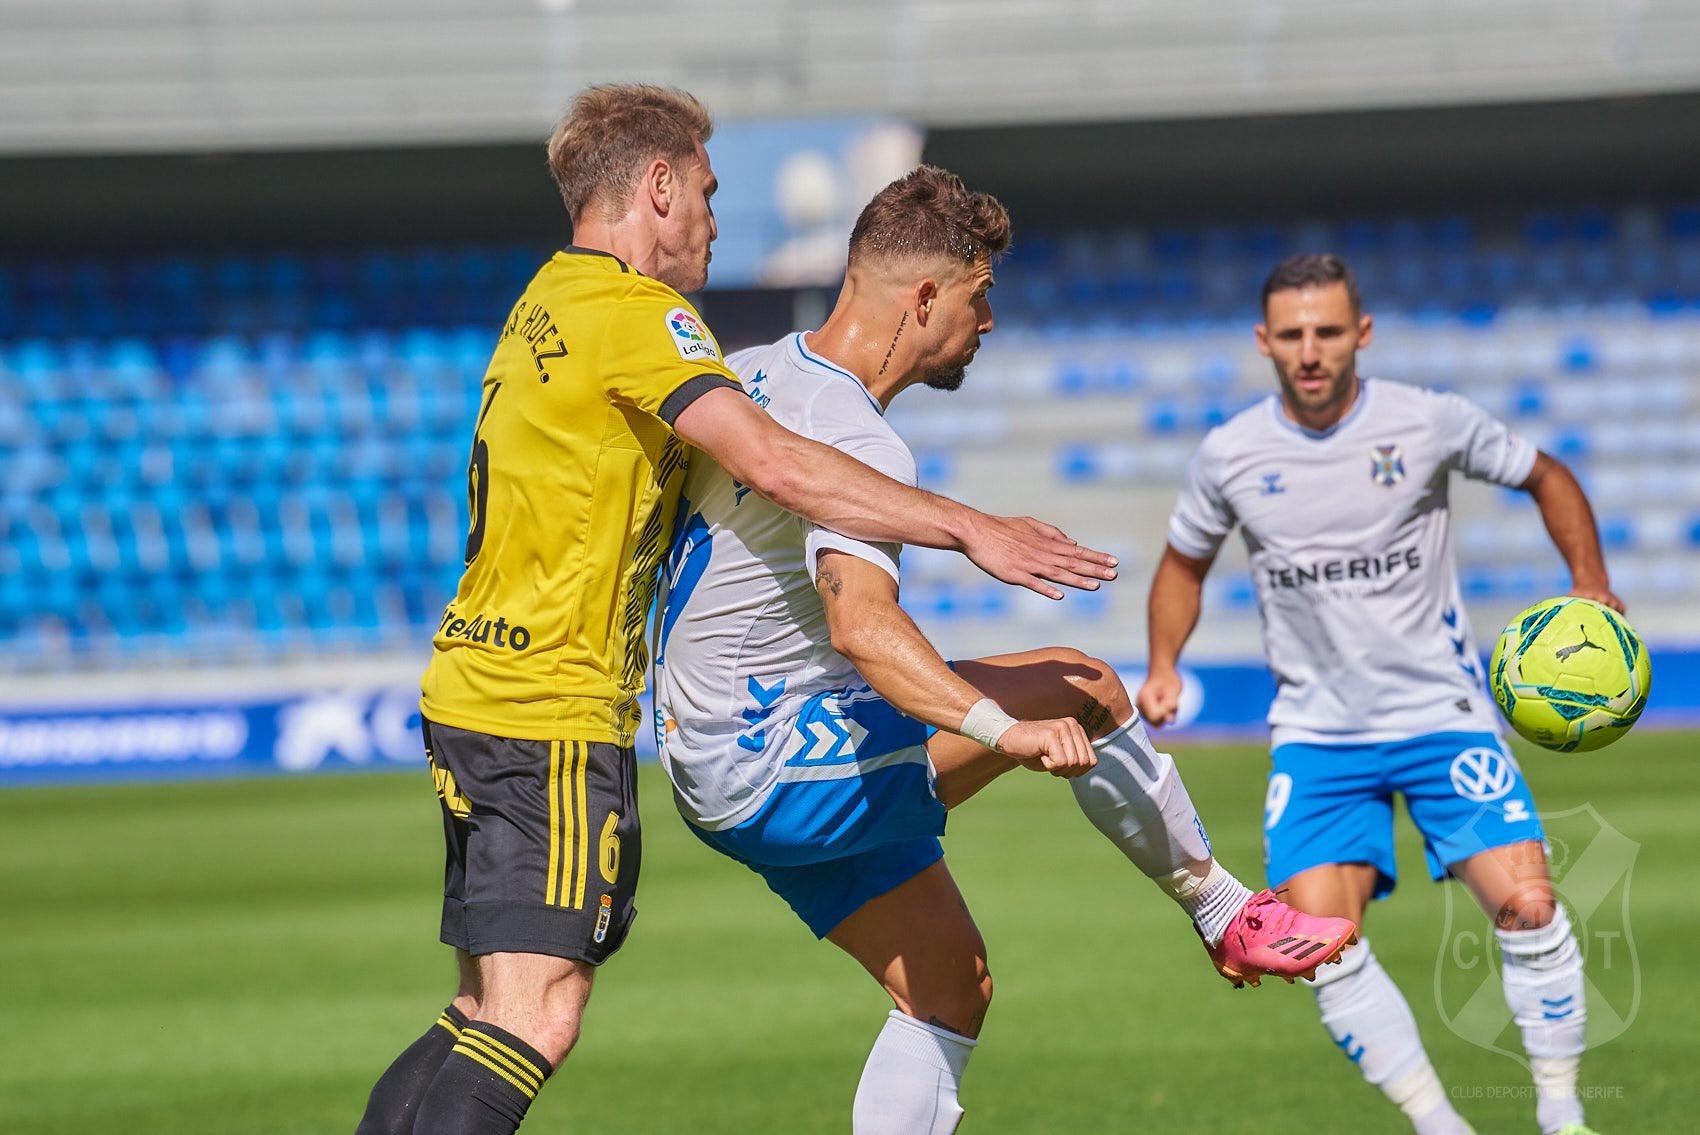 """Crónica del CD Tenerife 2 - Real Oviedo 2:  """" El Tenerife deja escapar la victoria en el minuto 93"""""""